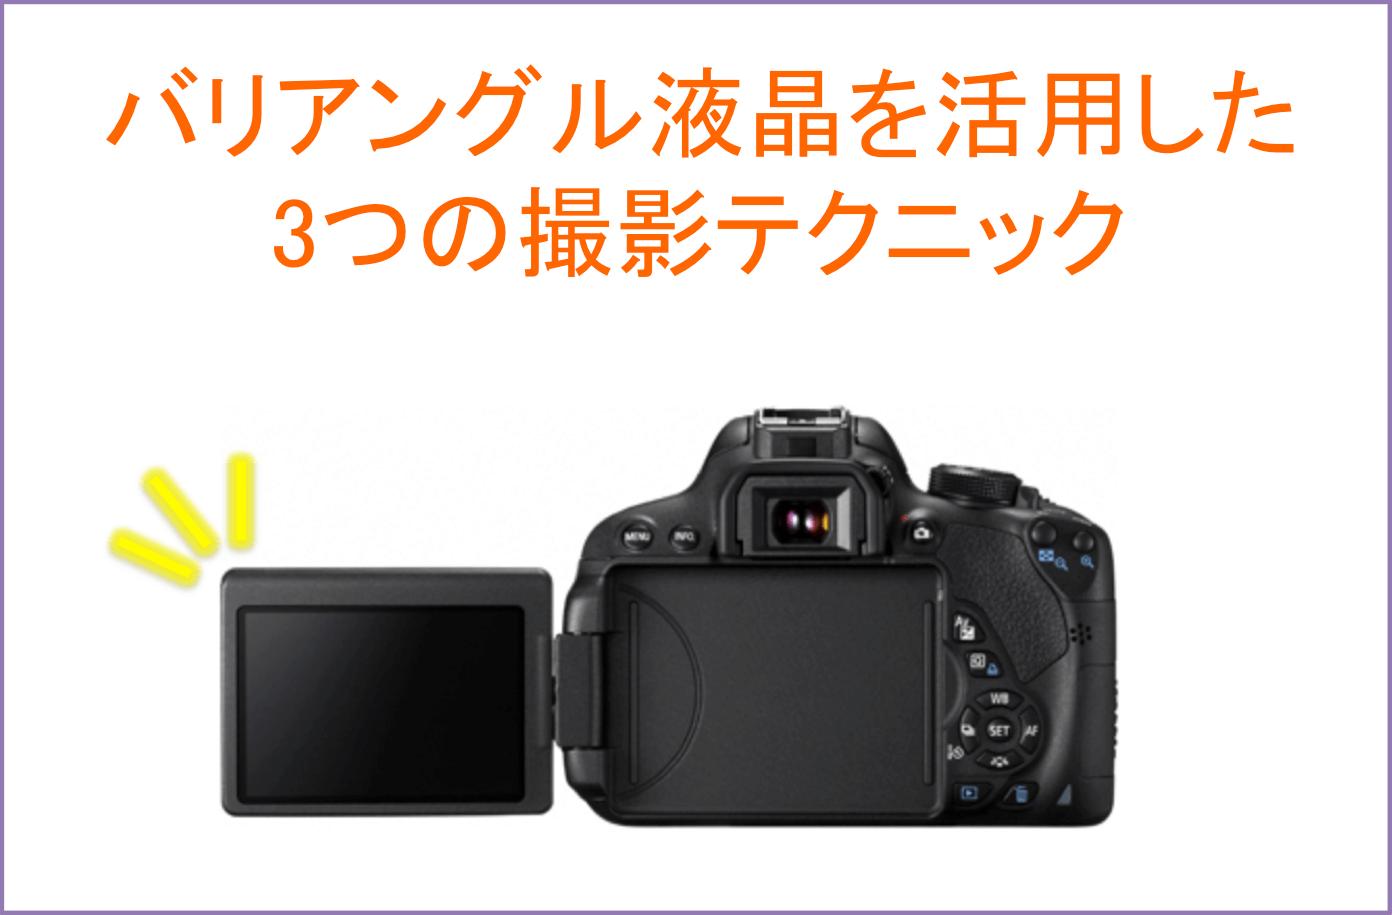 バリアングル液晶のカメラは超便利!写真撮影時に活用したい3つのテクニック